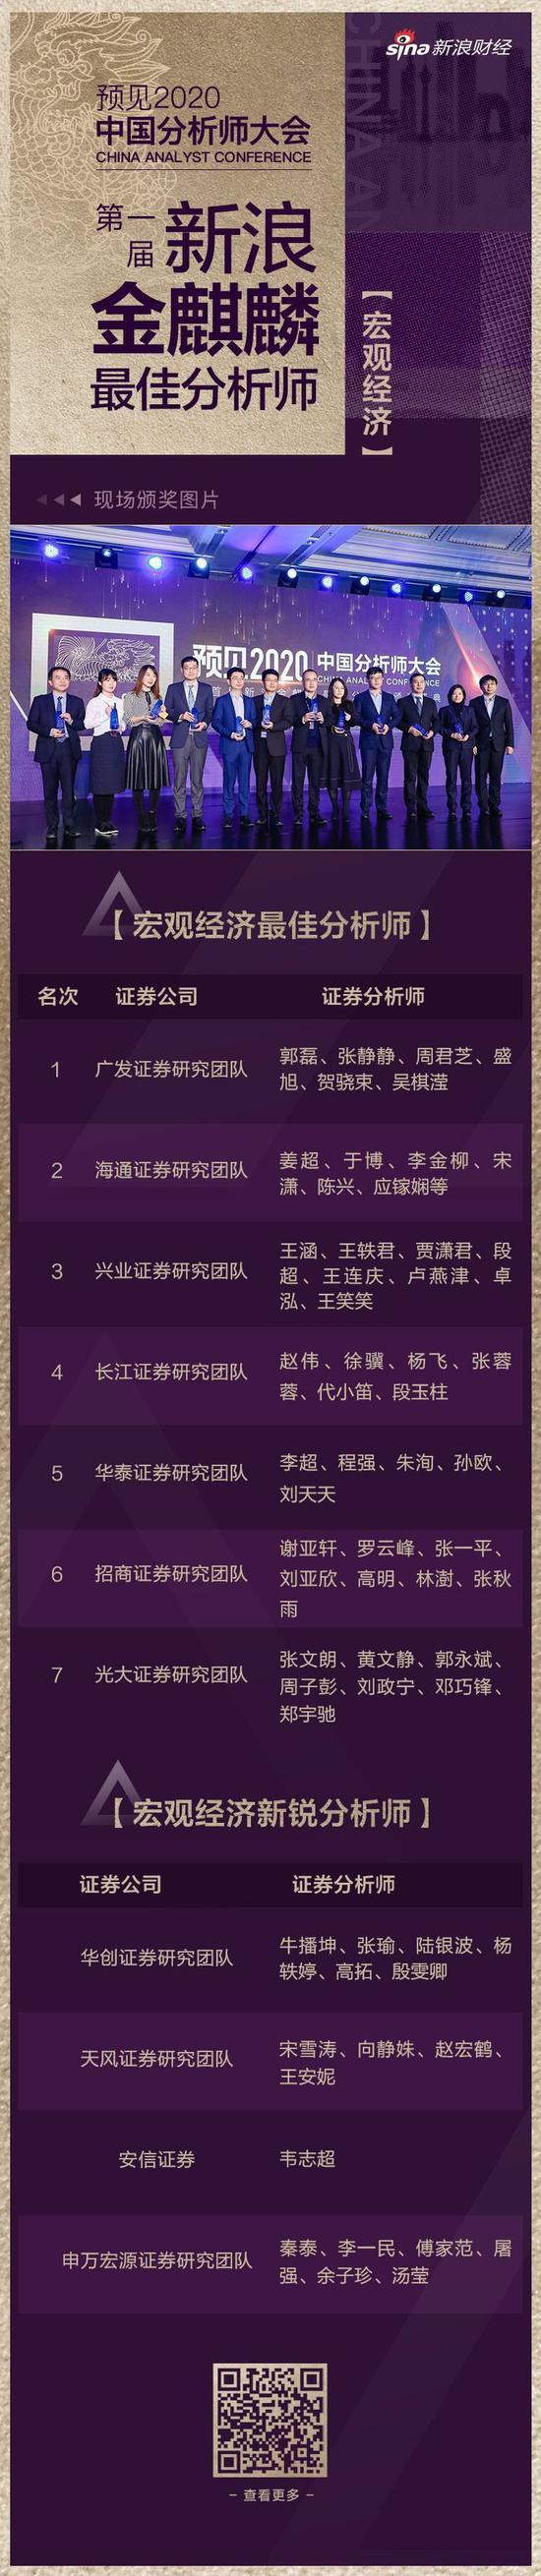 """m5彩票安卓-天上掉下""""馅饼""""竟是连环骗局"""